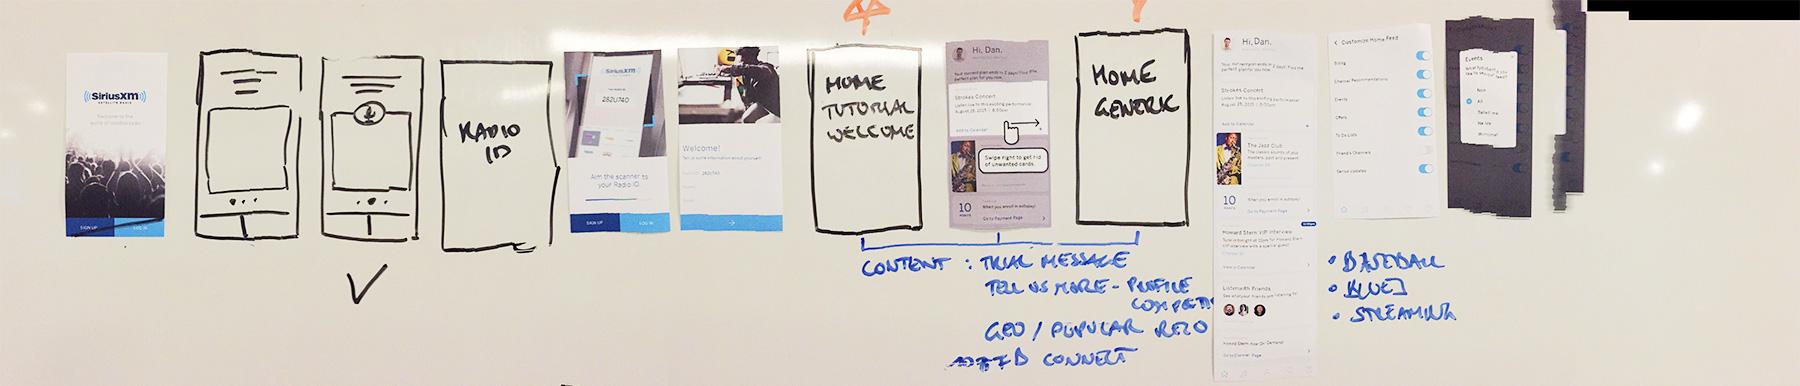 sx-app-concept